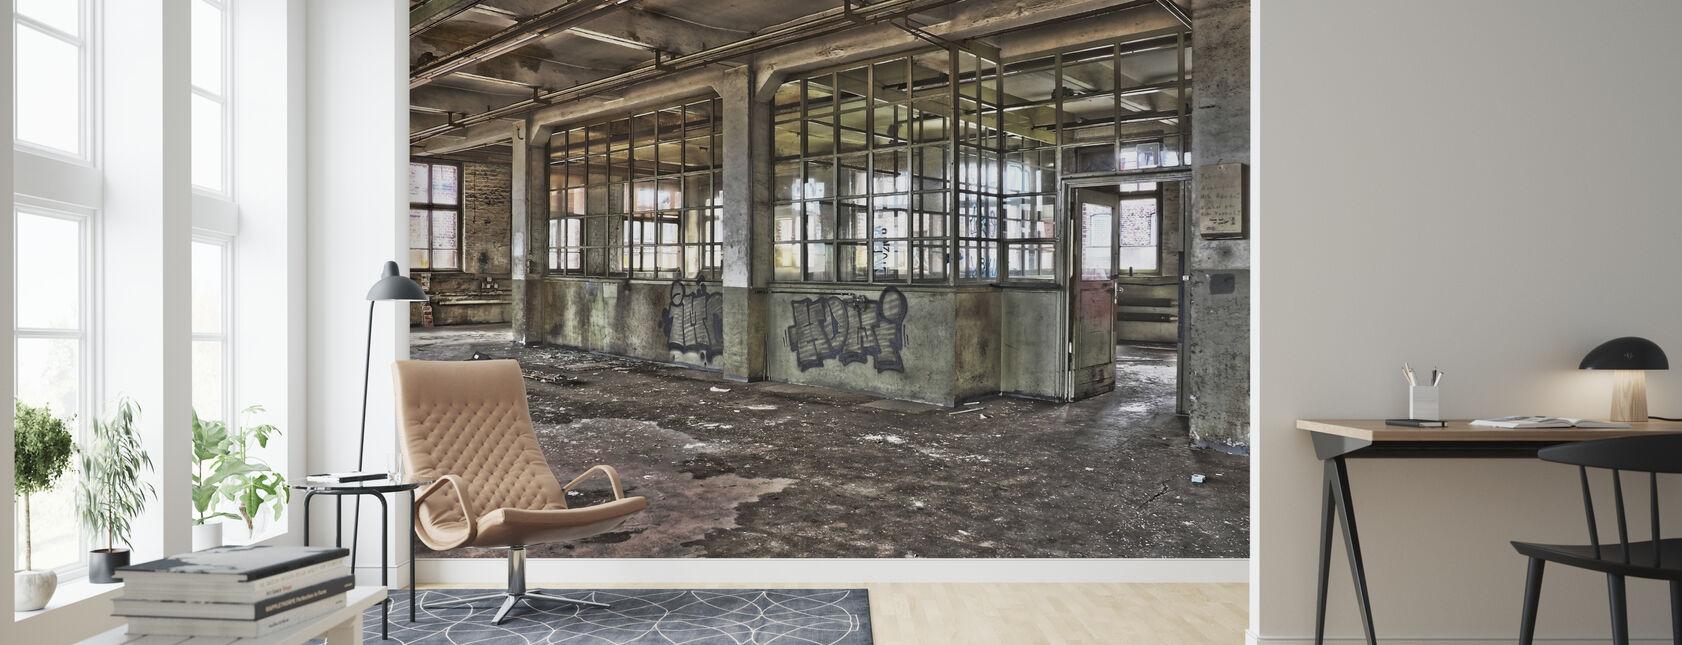 Vanha tehdas - Tapetti - Olohuone